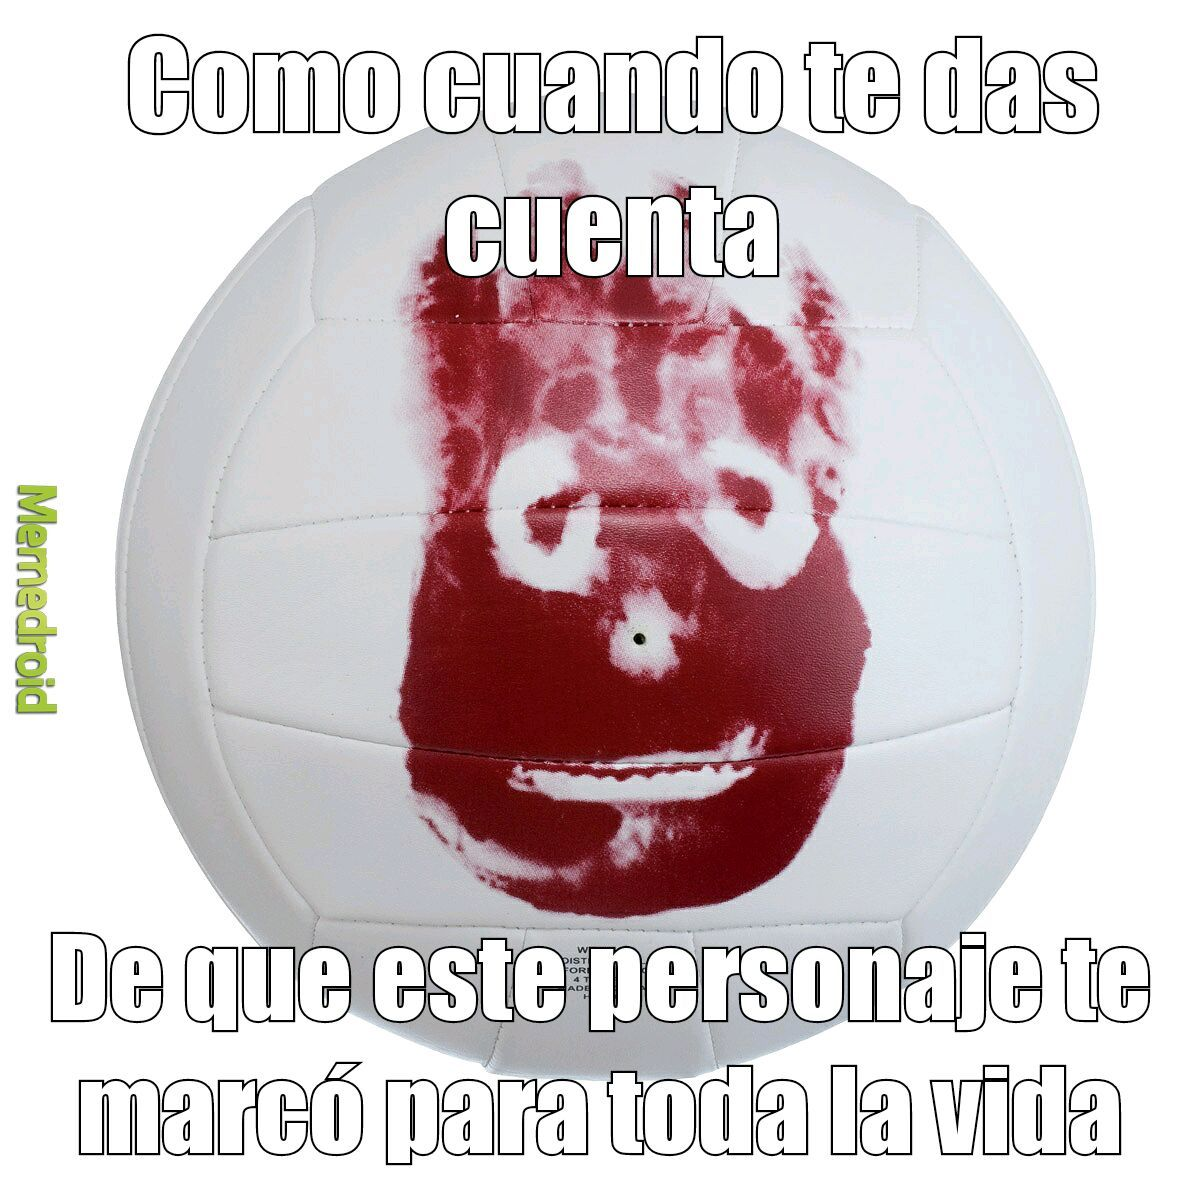 Elpinchiloko - meme